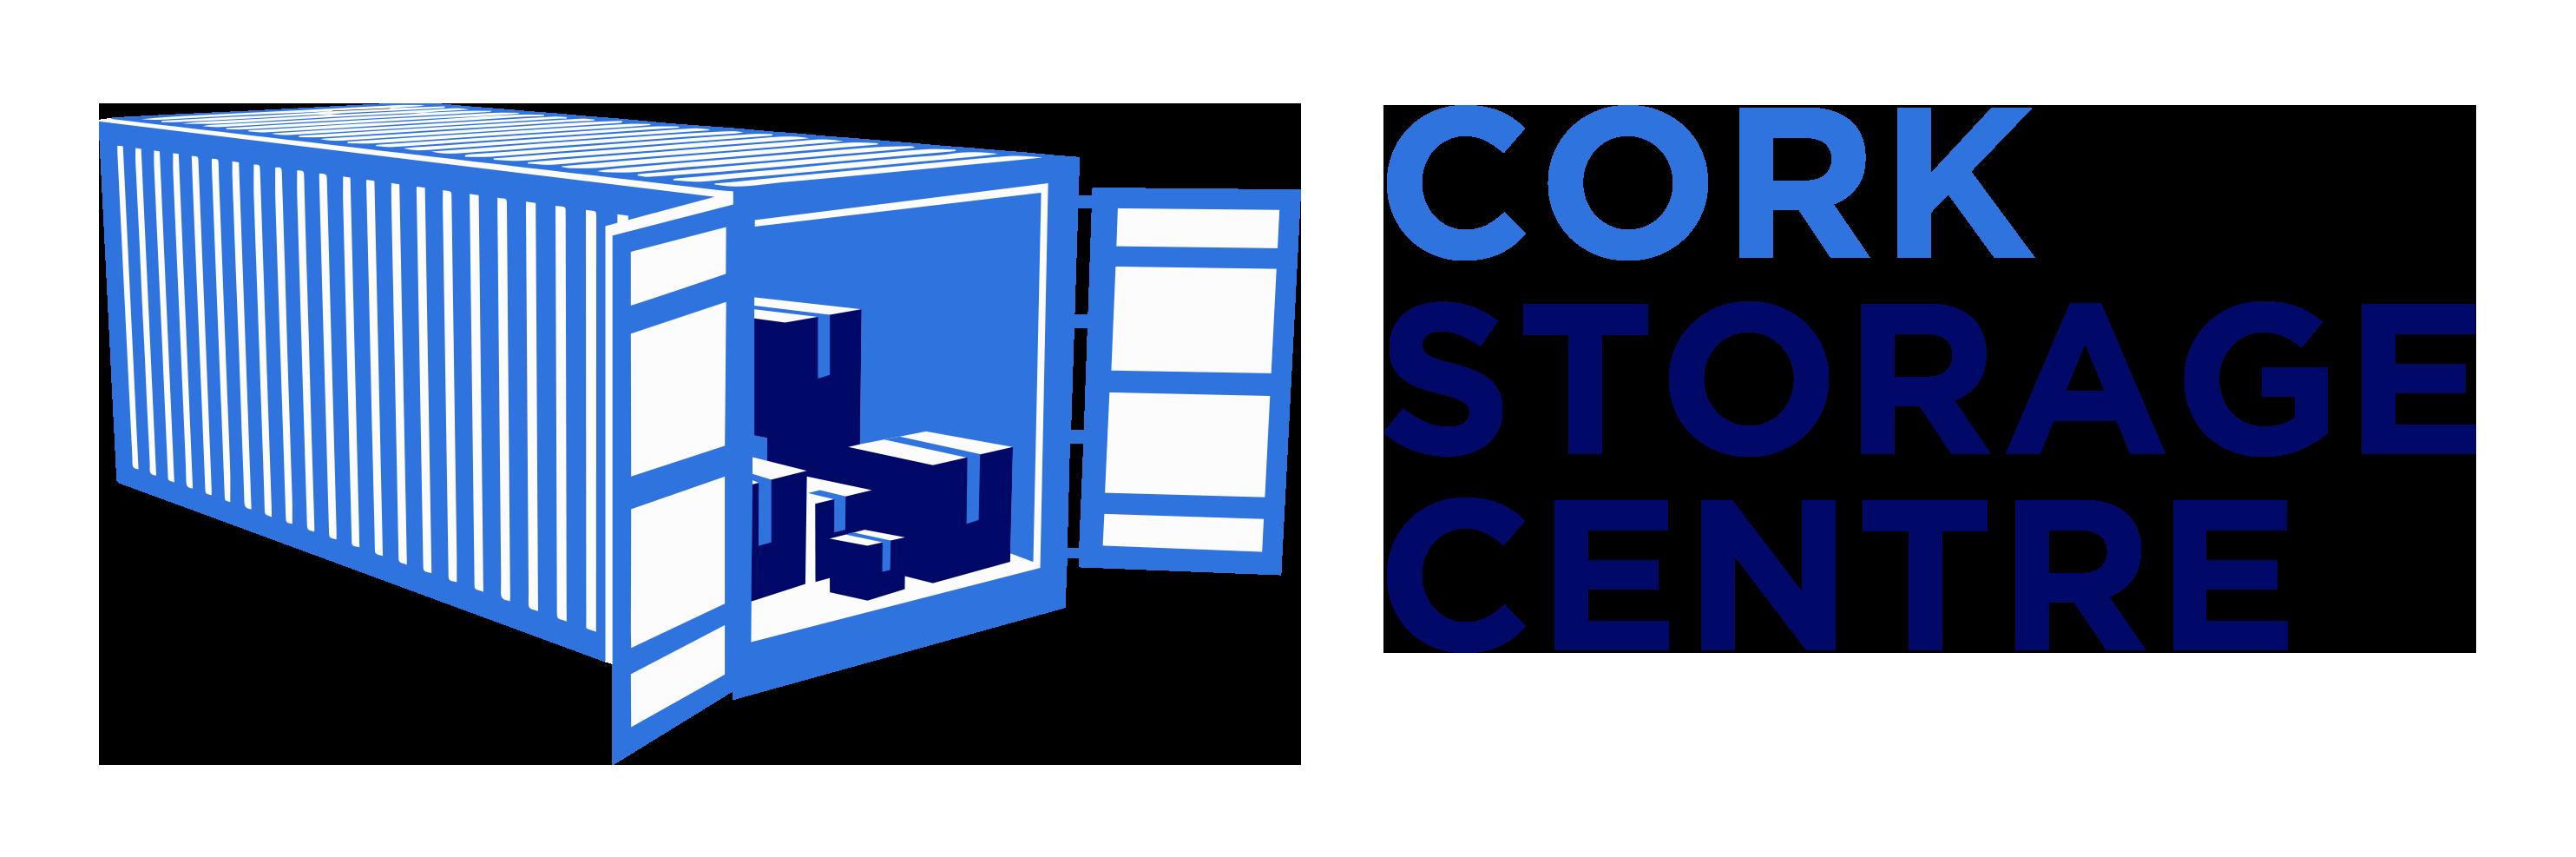 cork storage centre logo